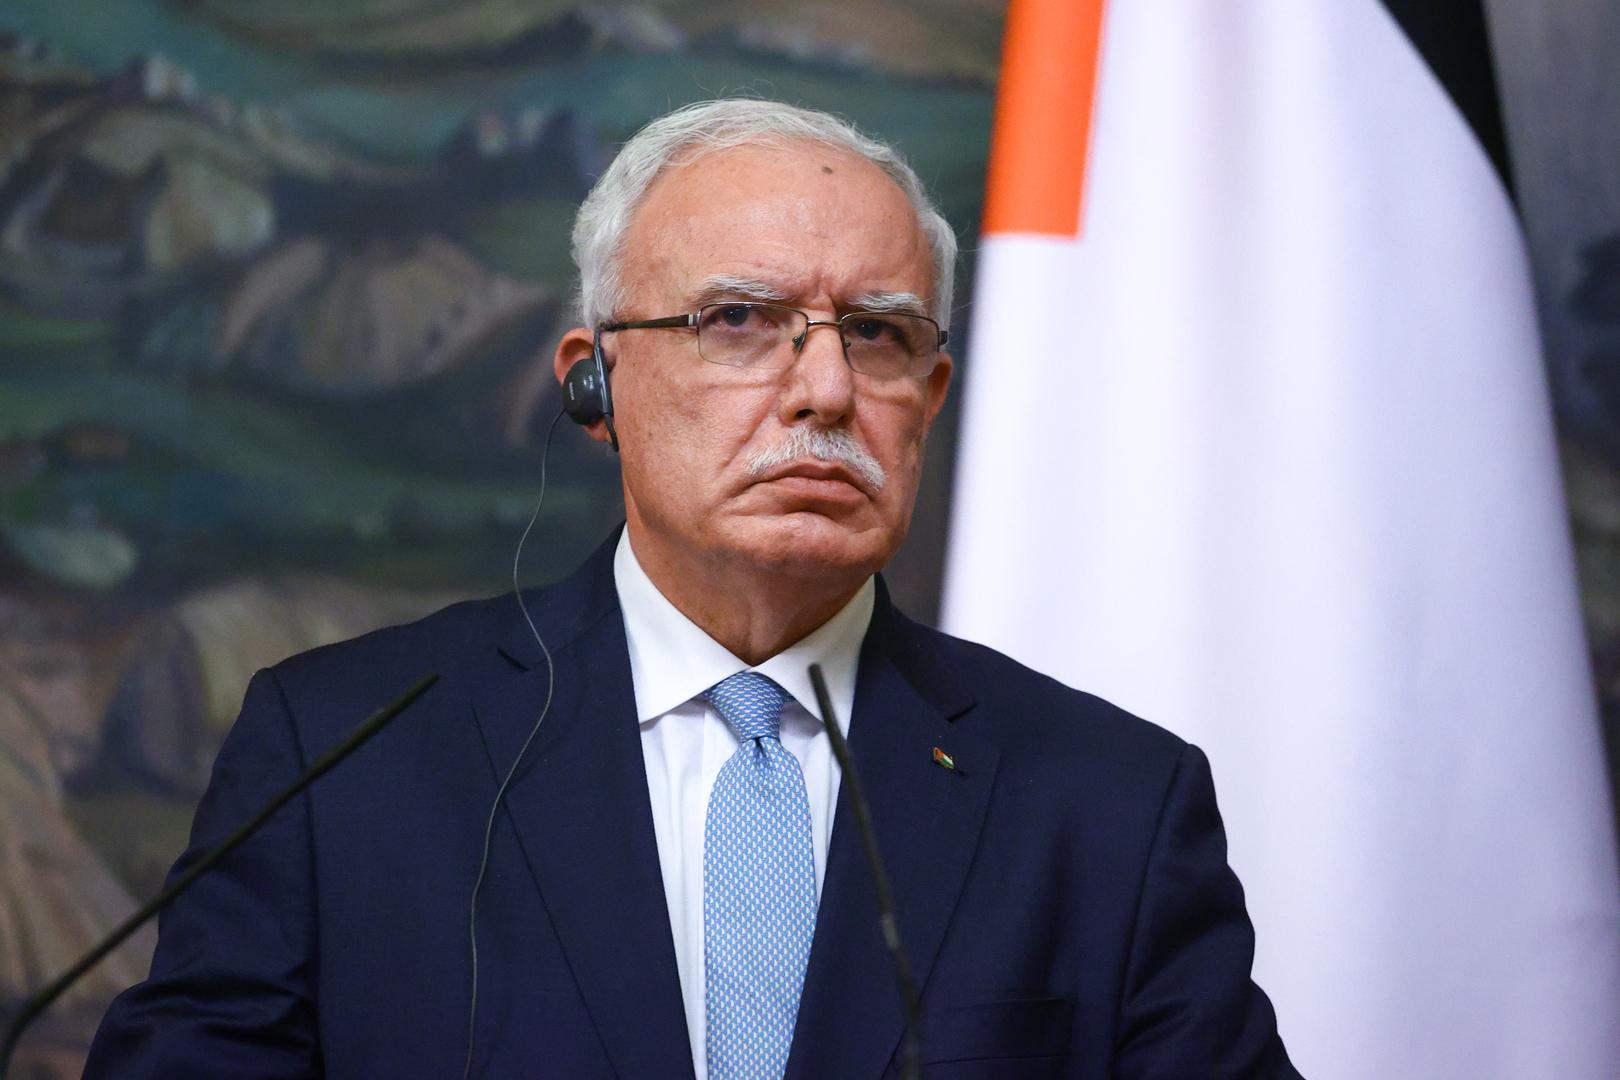 المالكي يبعث رسالتين إلى الجامعة العربية ومنظمة التعاون الإسلامي حول رفع علم إسرائيل في الأقصى